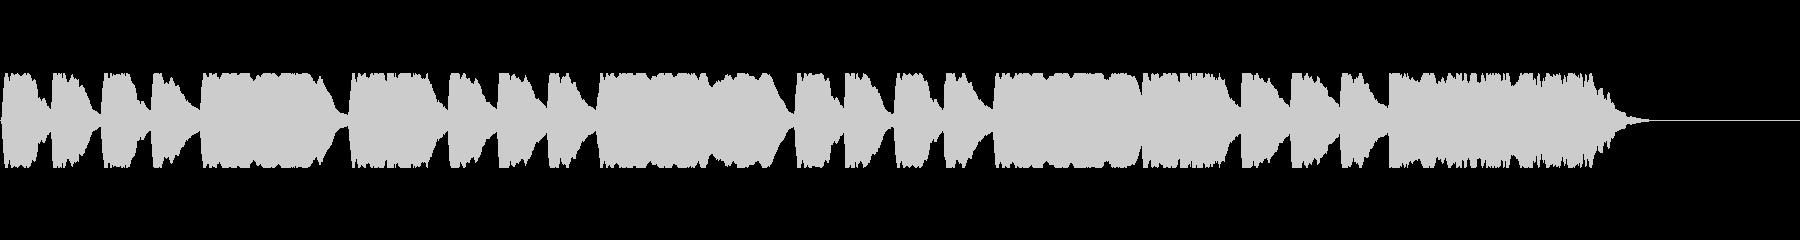 信号ラッパ系音素材の未再生の波形